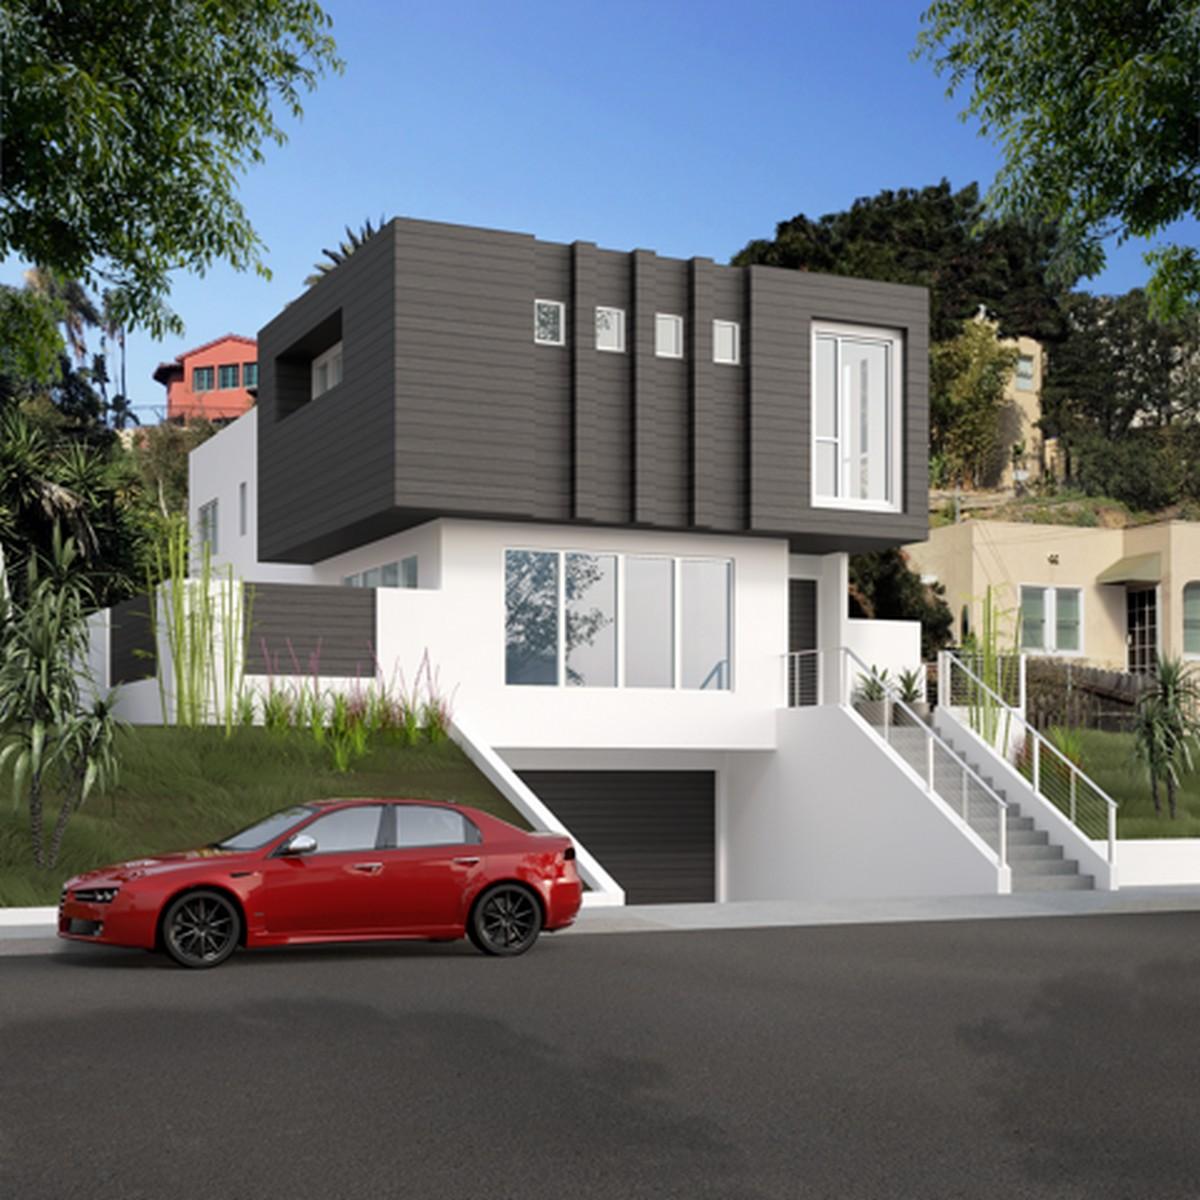 独户住宅 为 销售 在 3218 Ibis Street 圣地亚哥, 加利福尼亚州 92103 美国